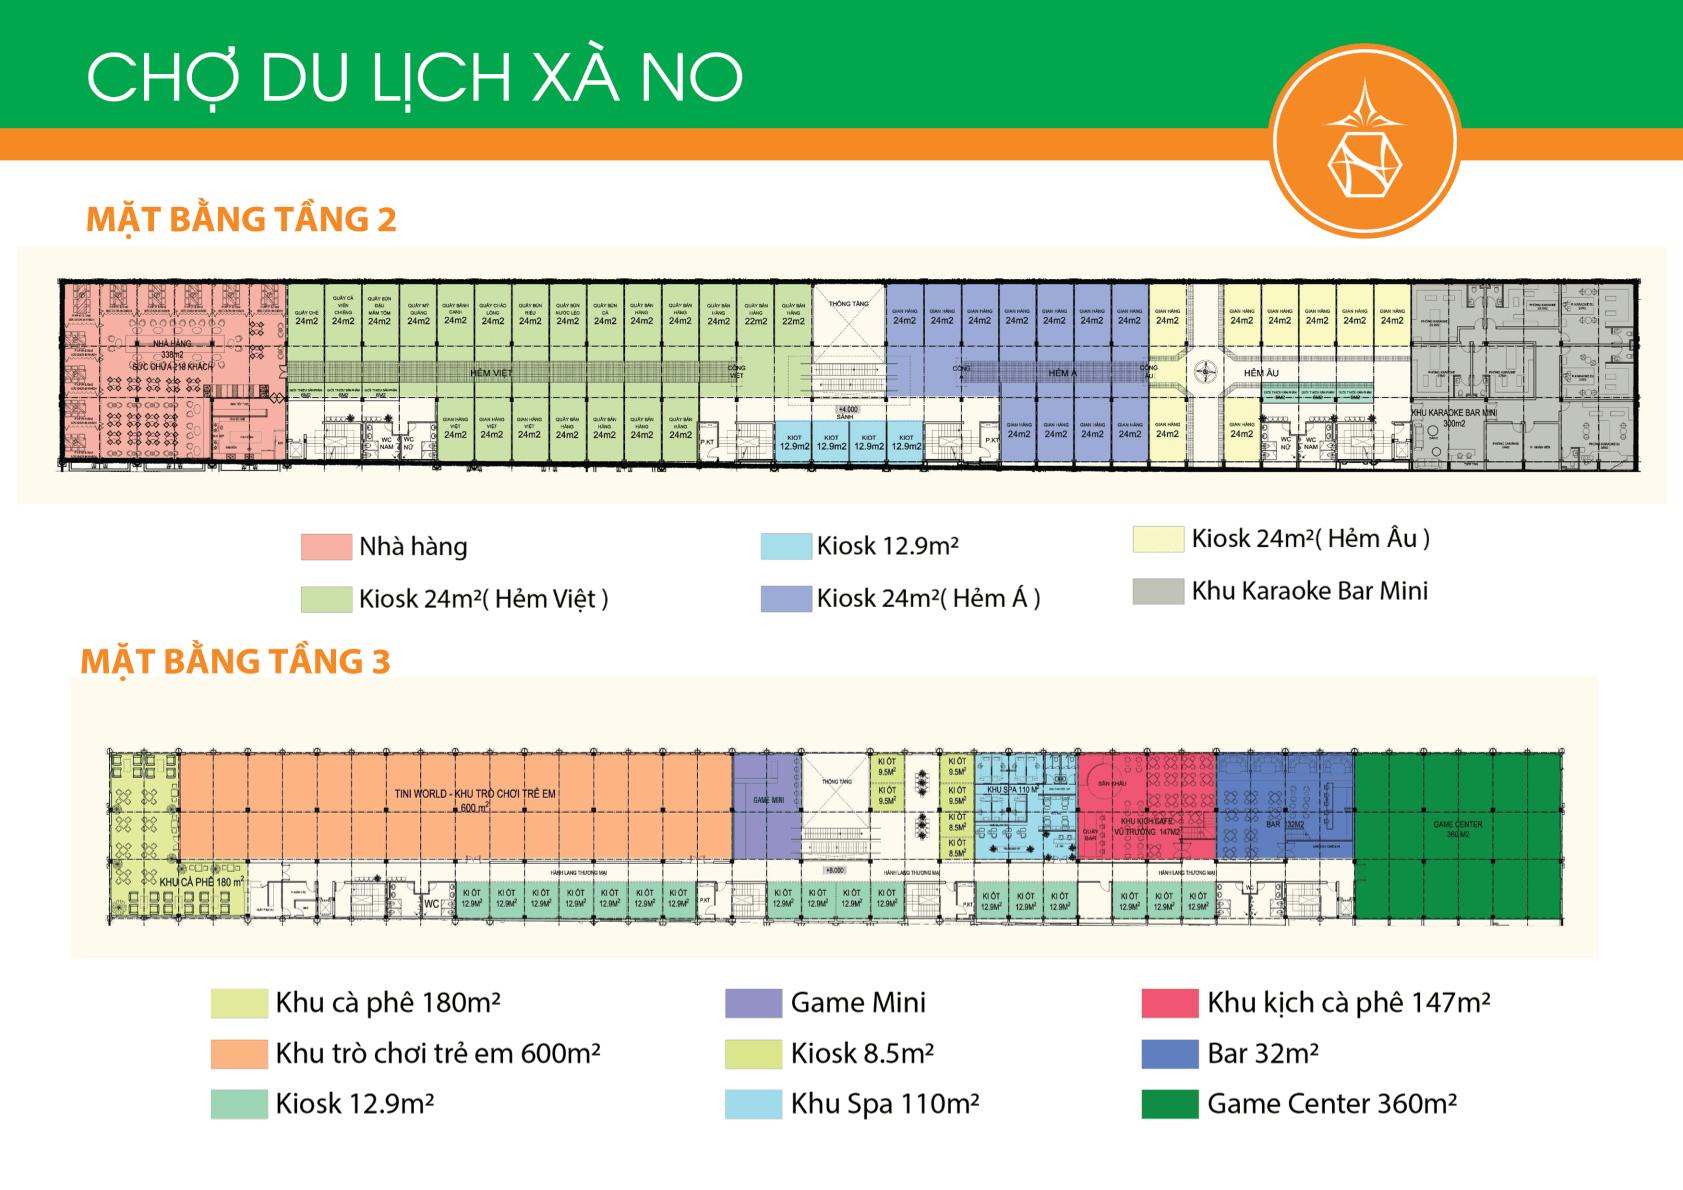 chợ-du-lịch-xà-no-10